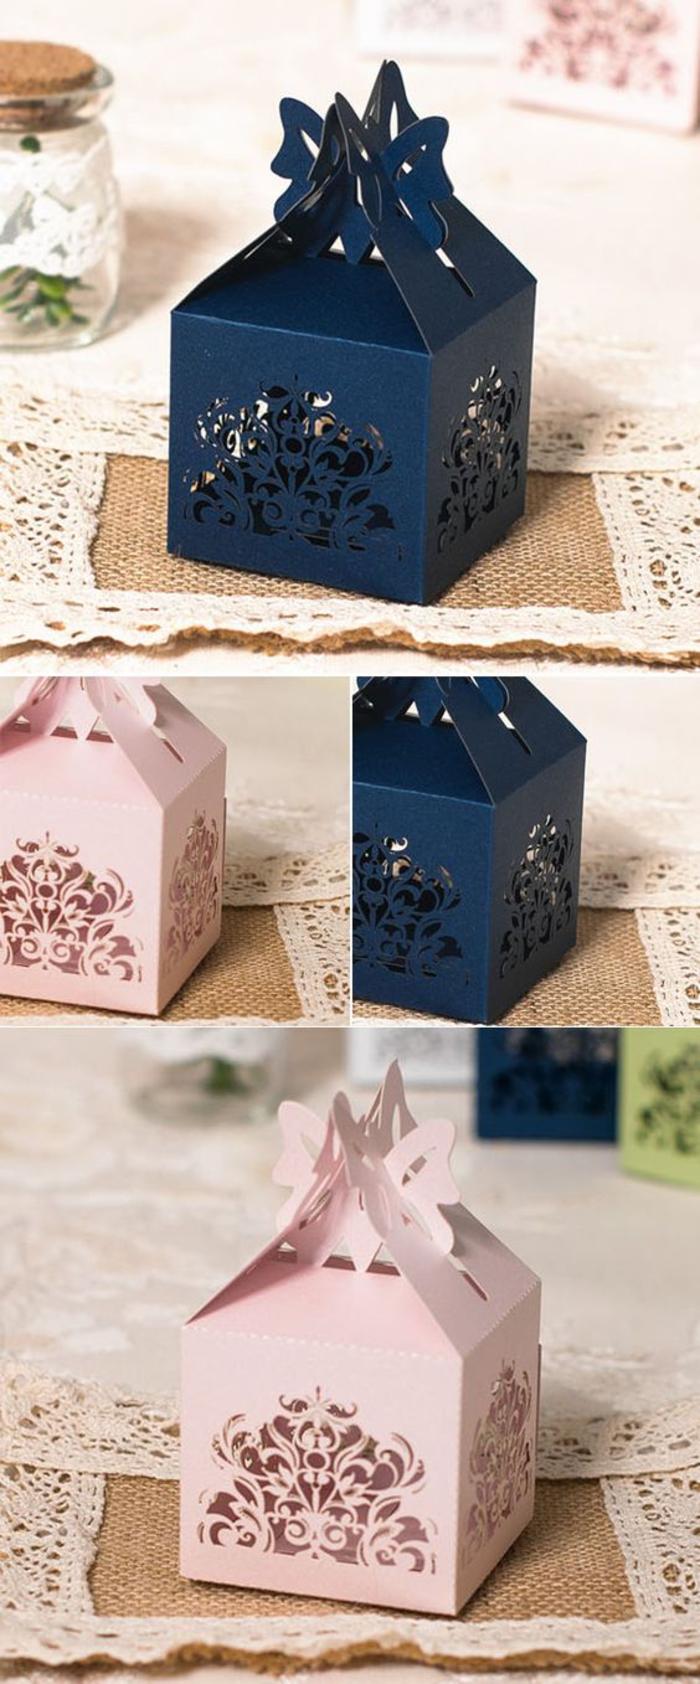 faltenschachteln in blau und rosa, geschenke fuer gaeste, bonbons, hochzeit